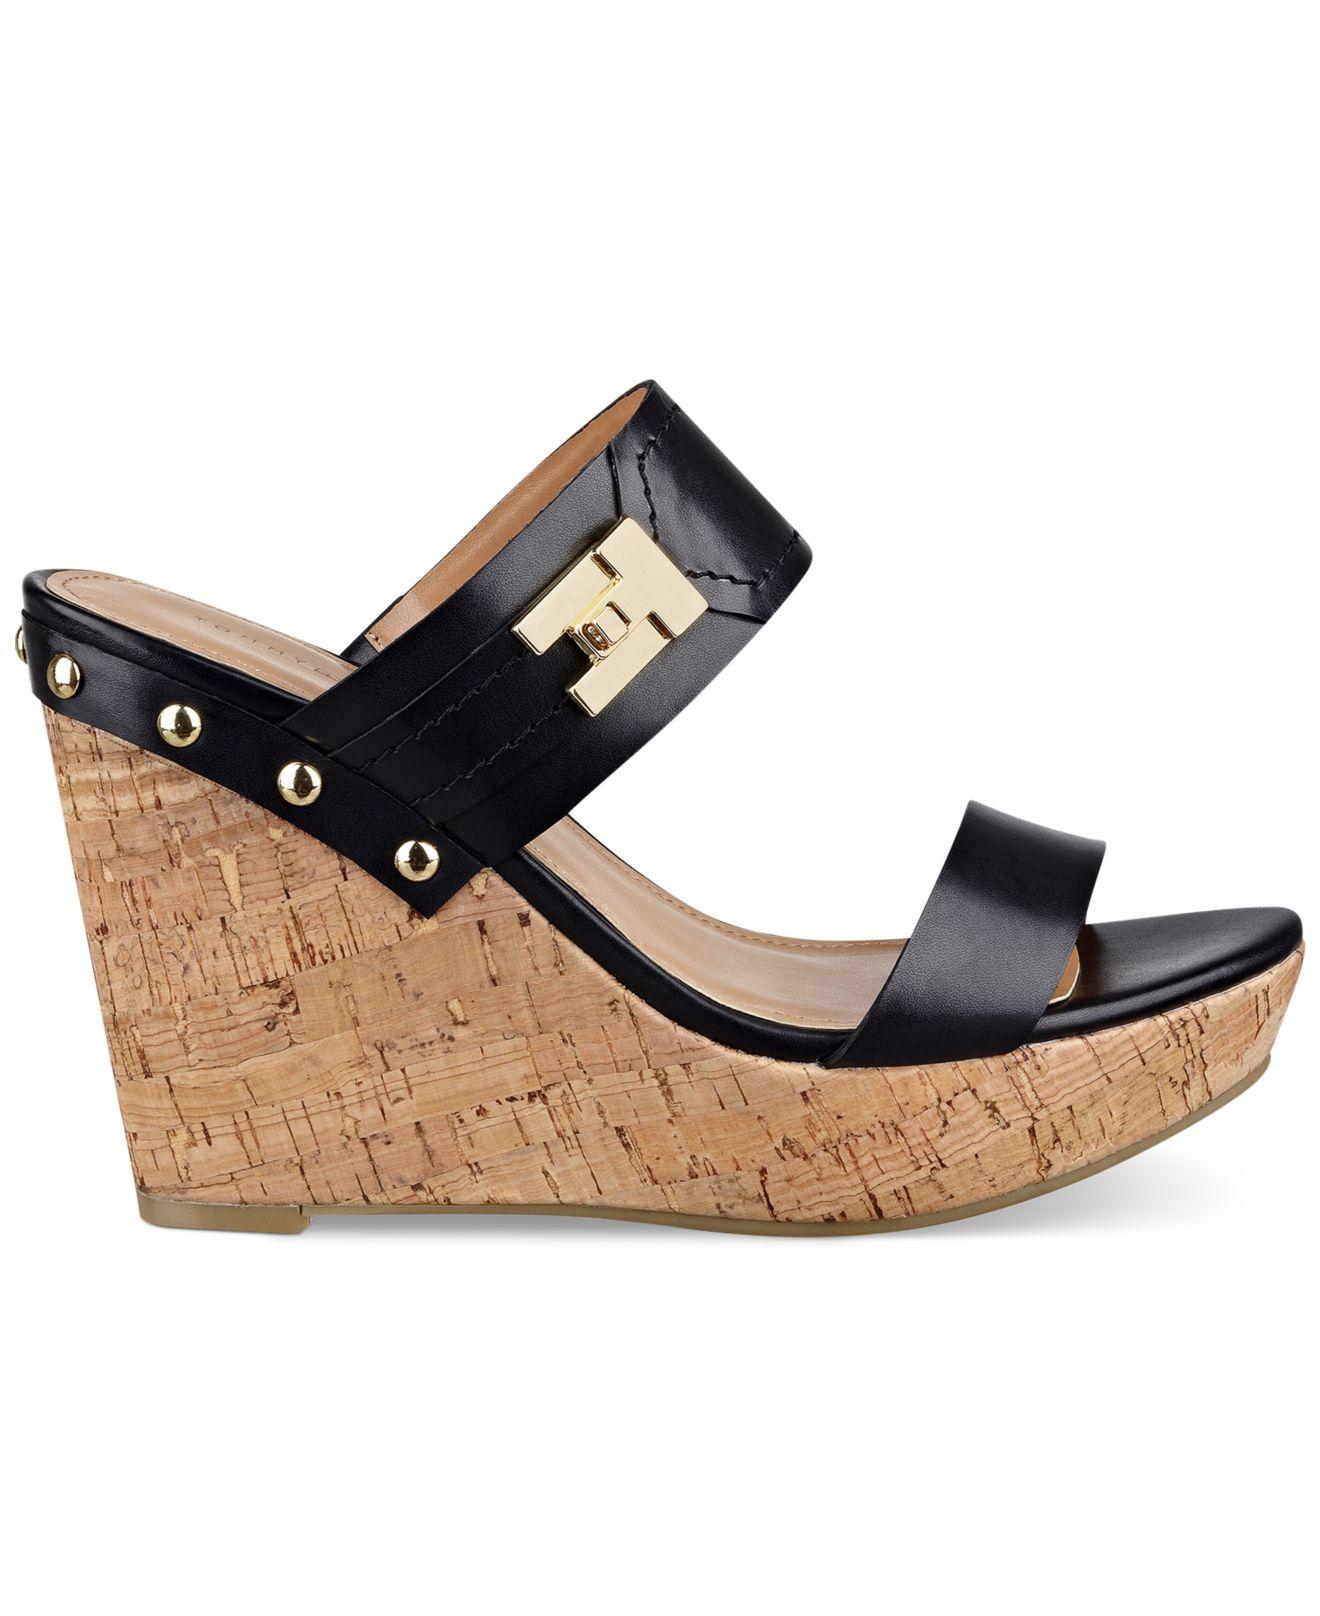 ef361e84ae2 Lyst - Tommy Hilfiger Women s Madasen Platform Wedge Sandals in Black